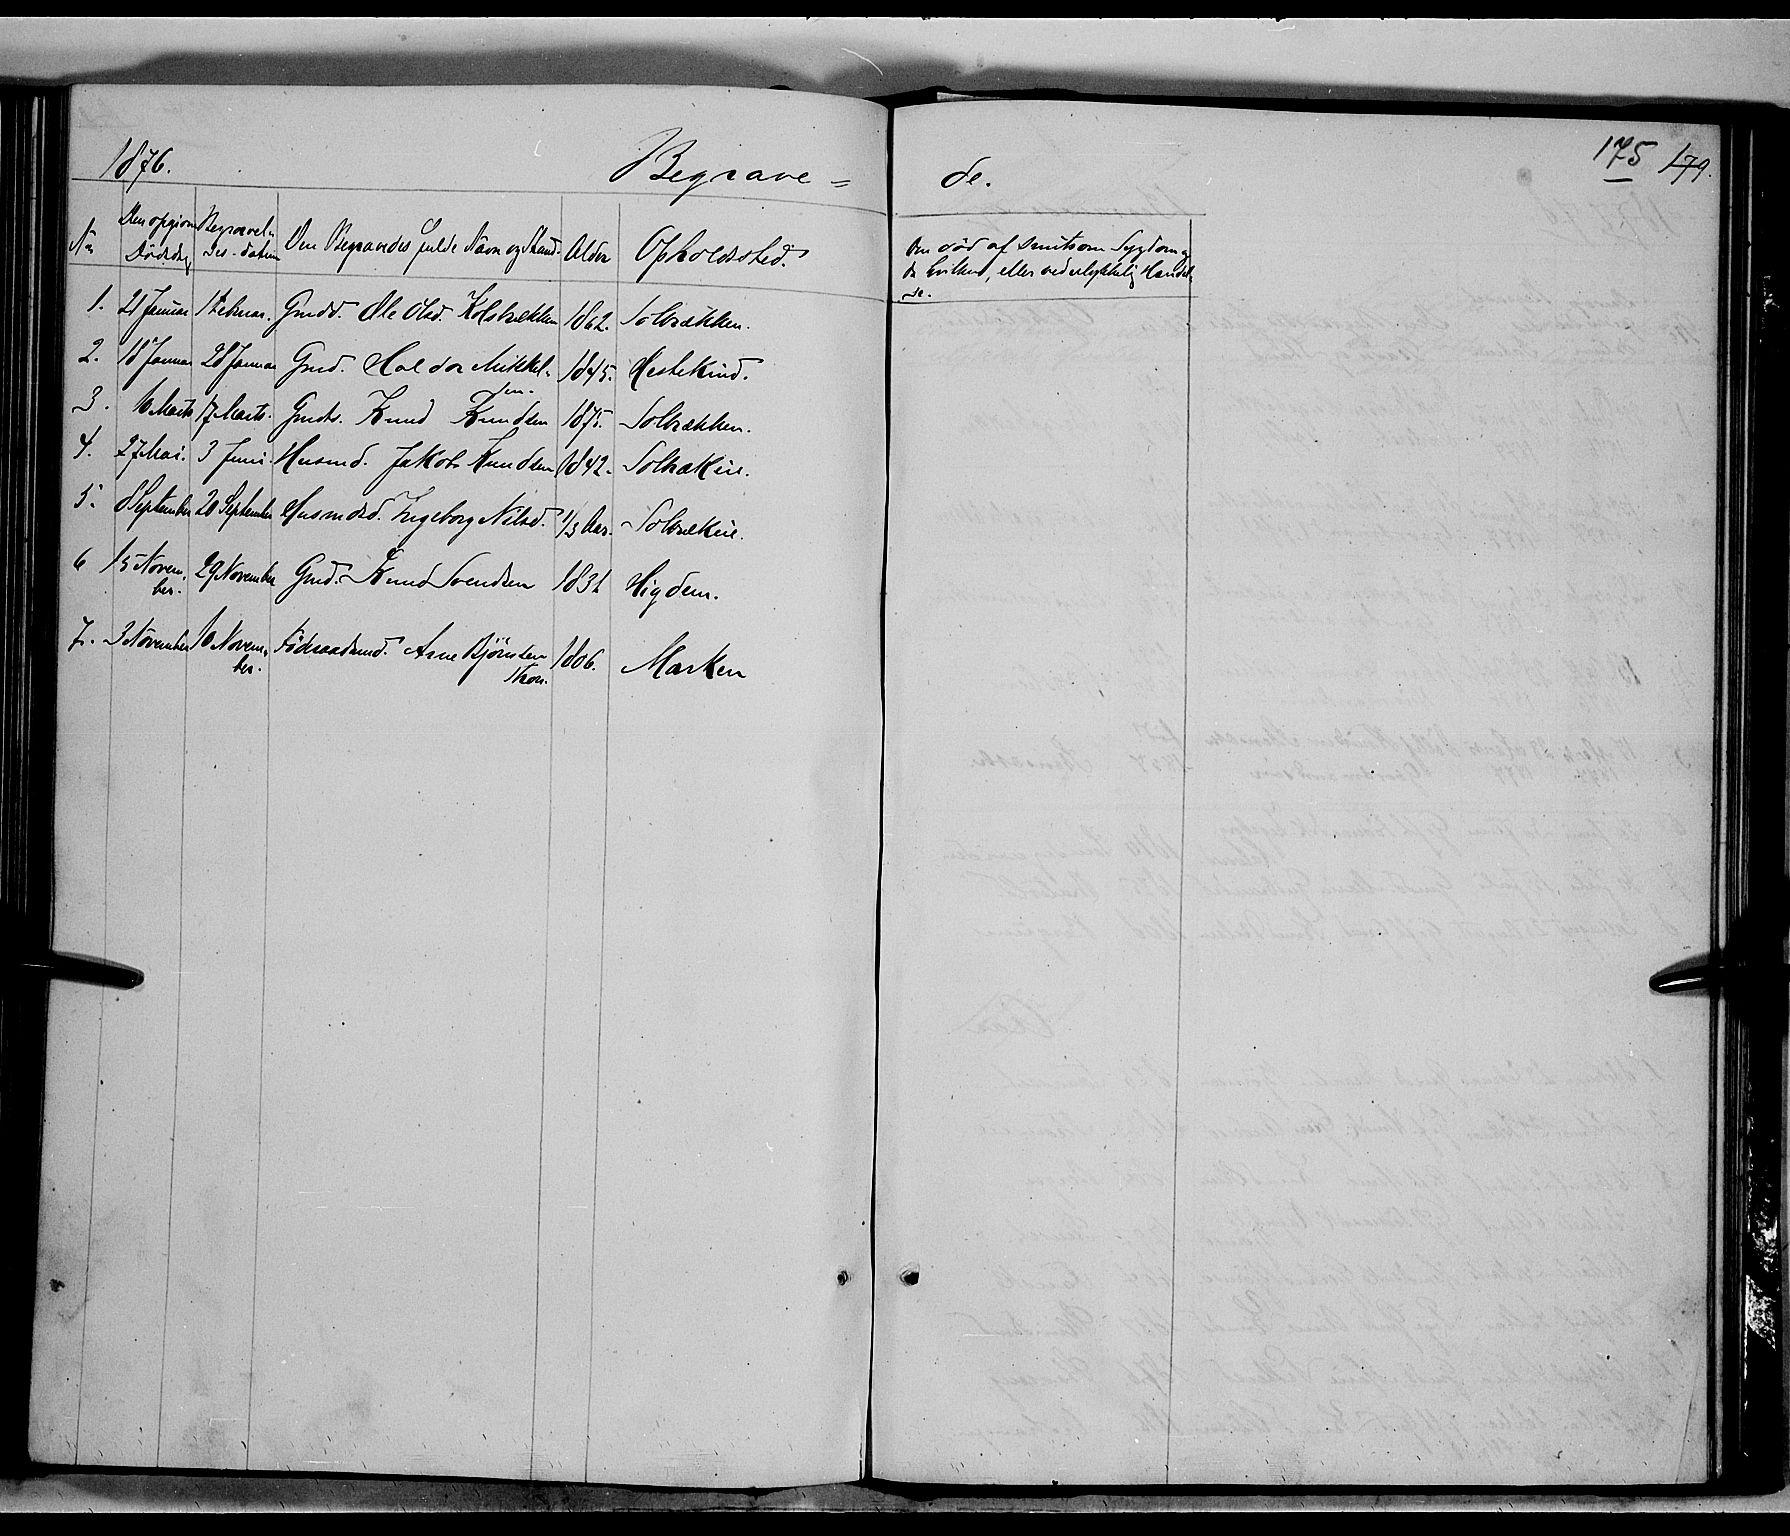 SAH, Nord-Aurdal prestekontor, Klokkerbok nr. 5, 1876-1895, s. 175